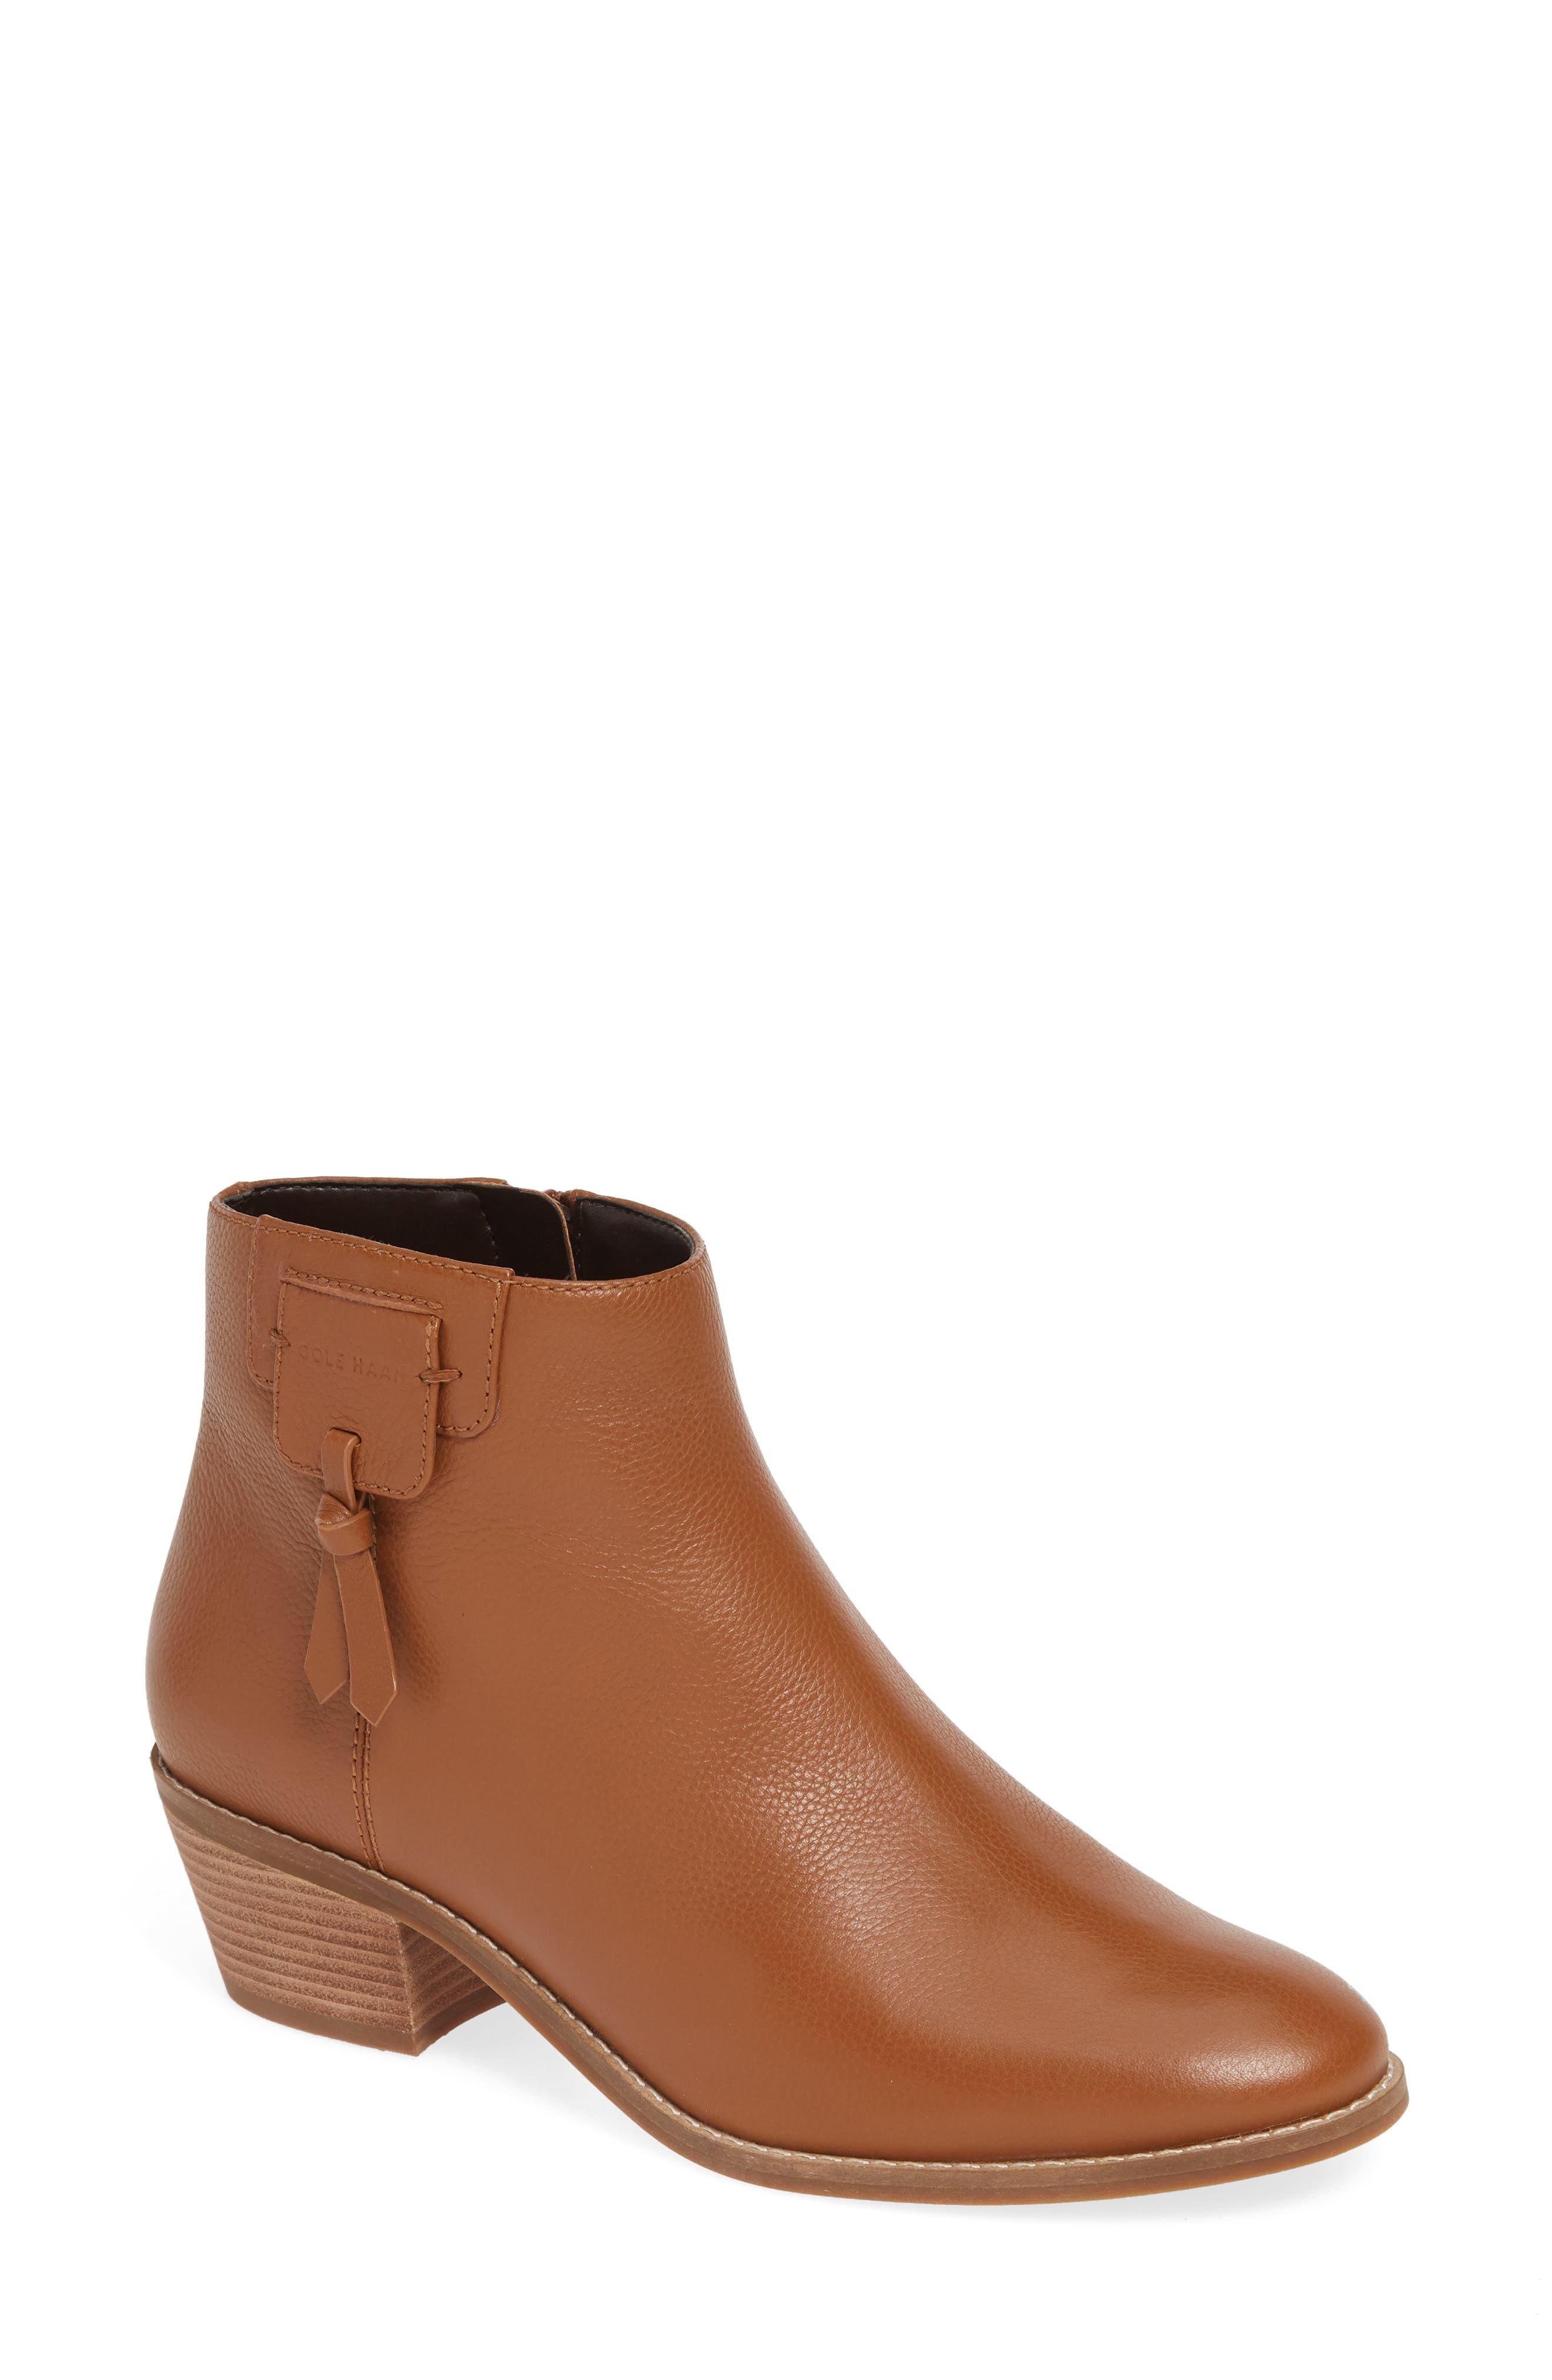 Cole Haan Boots Joanna Bootie